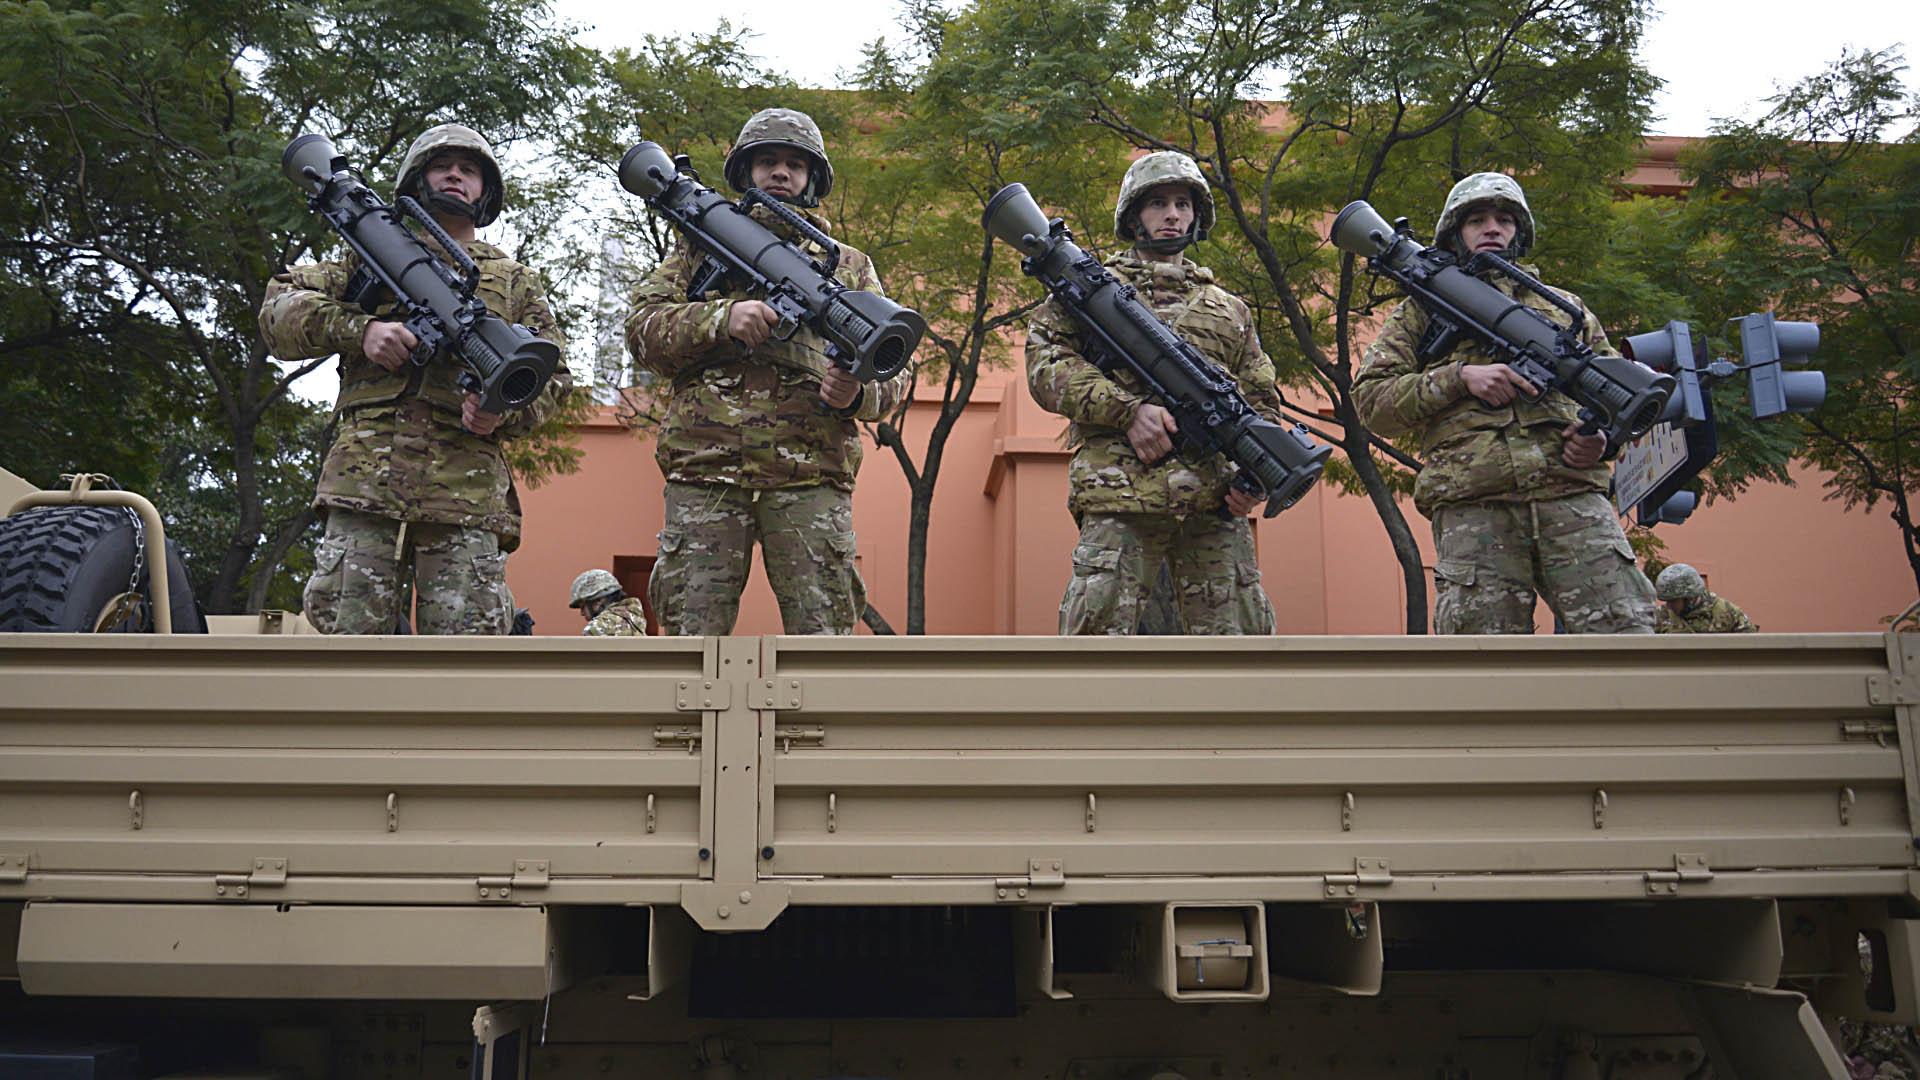 Soldados del Ejército cargan lanzacohetes portátiles